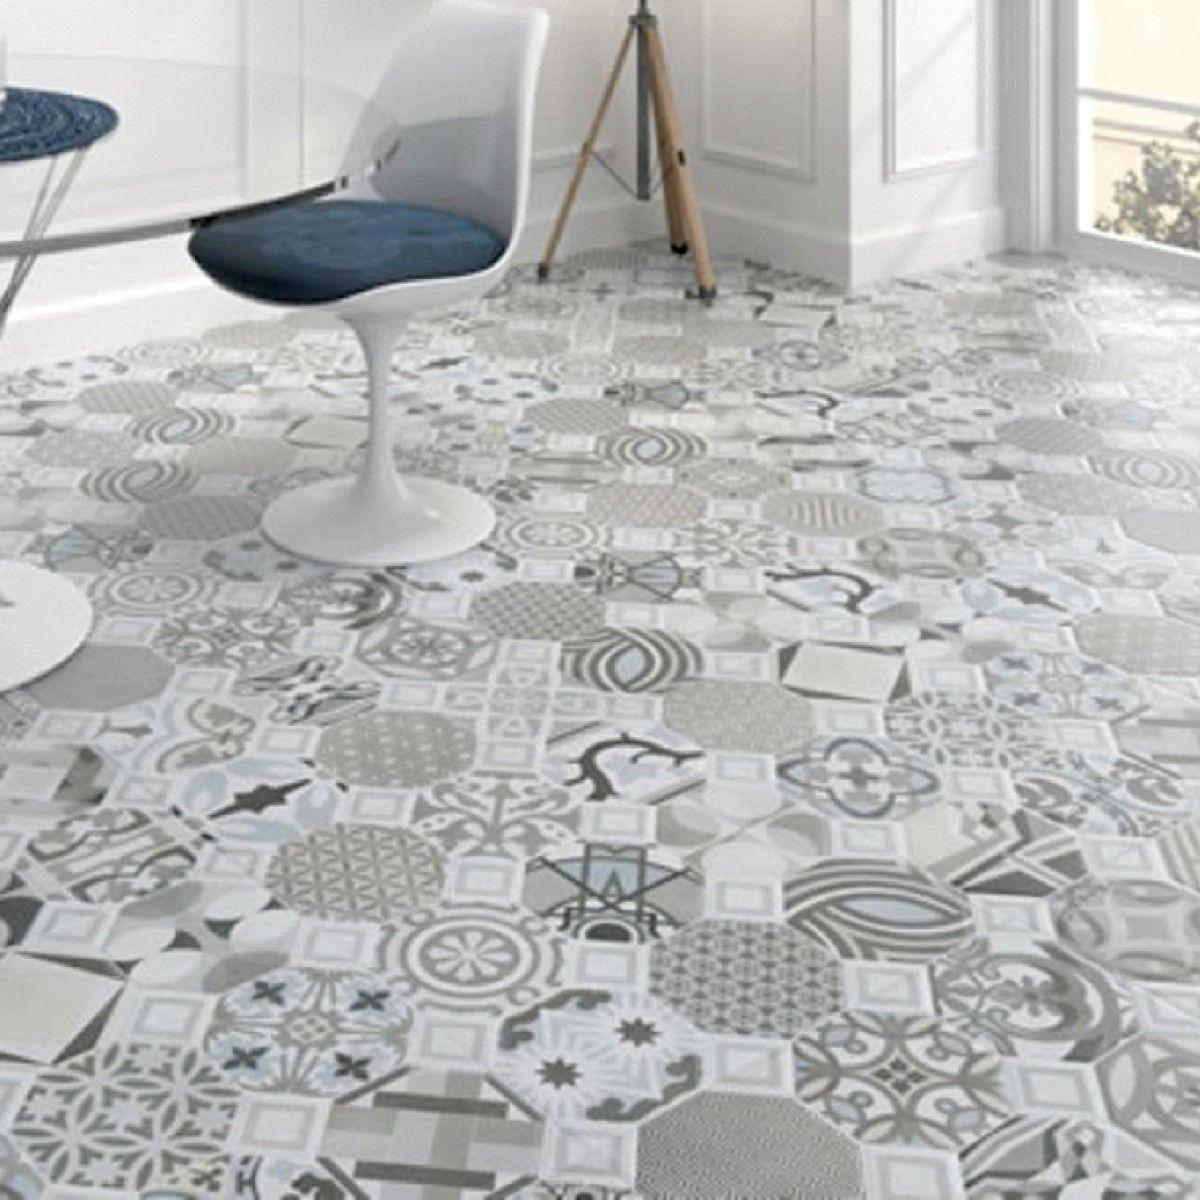 Flow Tiles Ceramic Floor Tiles 50 Shades Of Grey